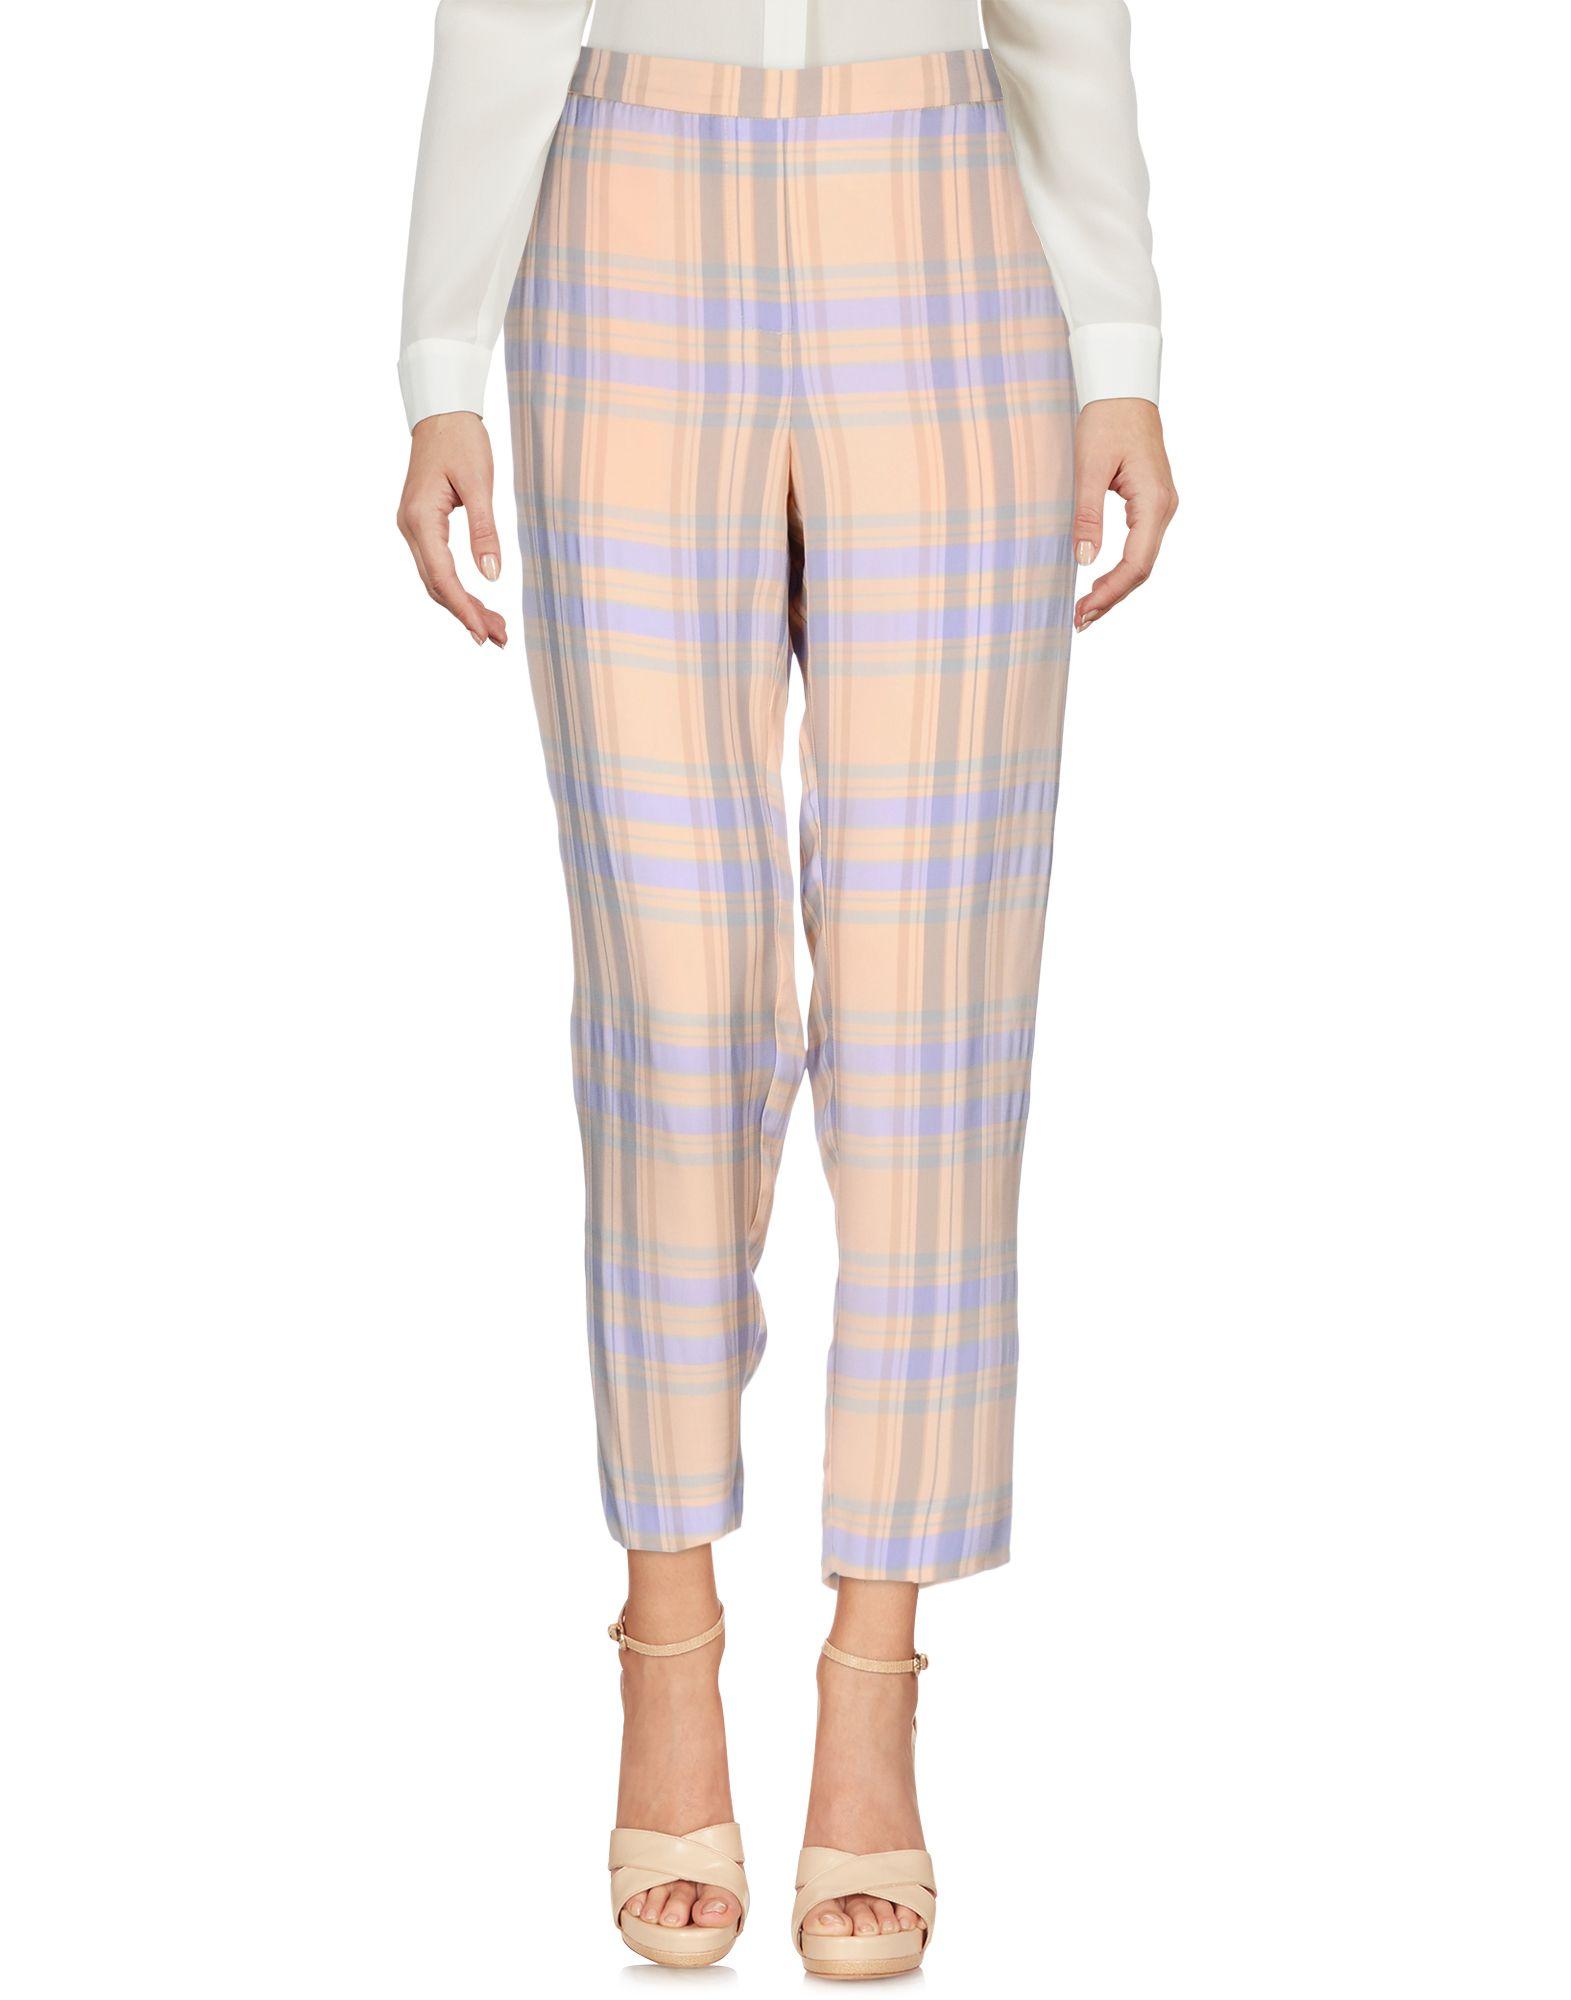 ATTIC AND BARN Повседневные брюки